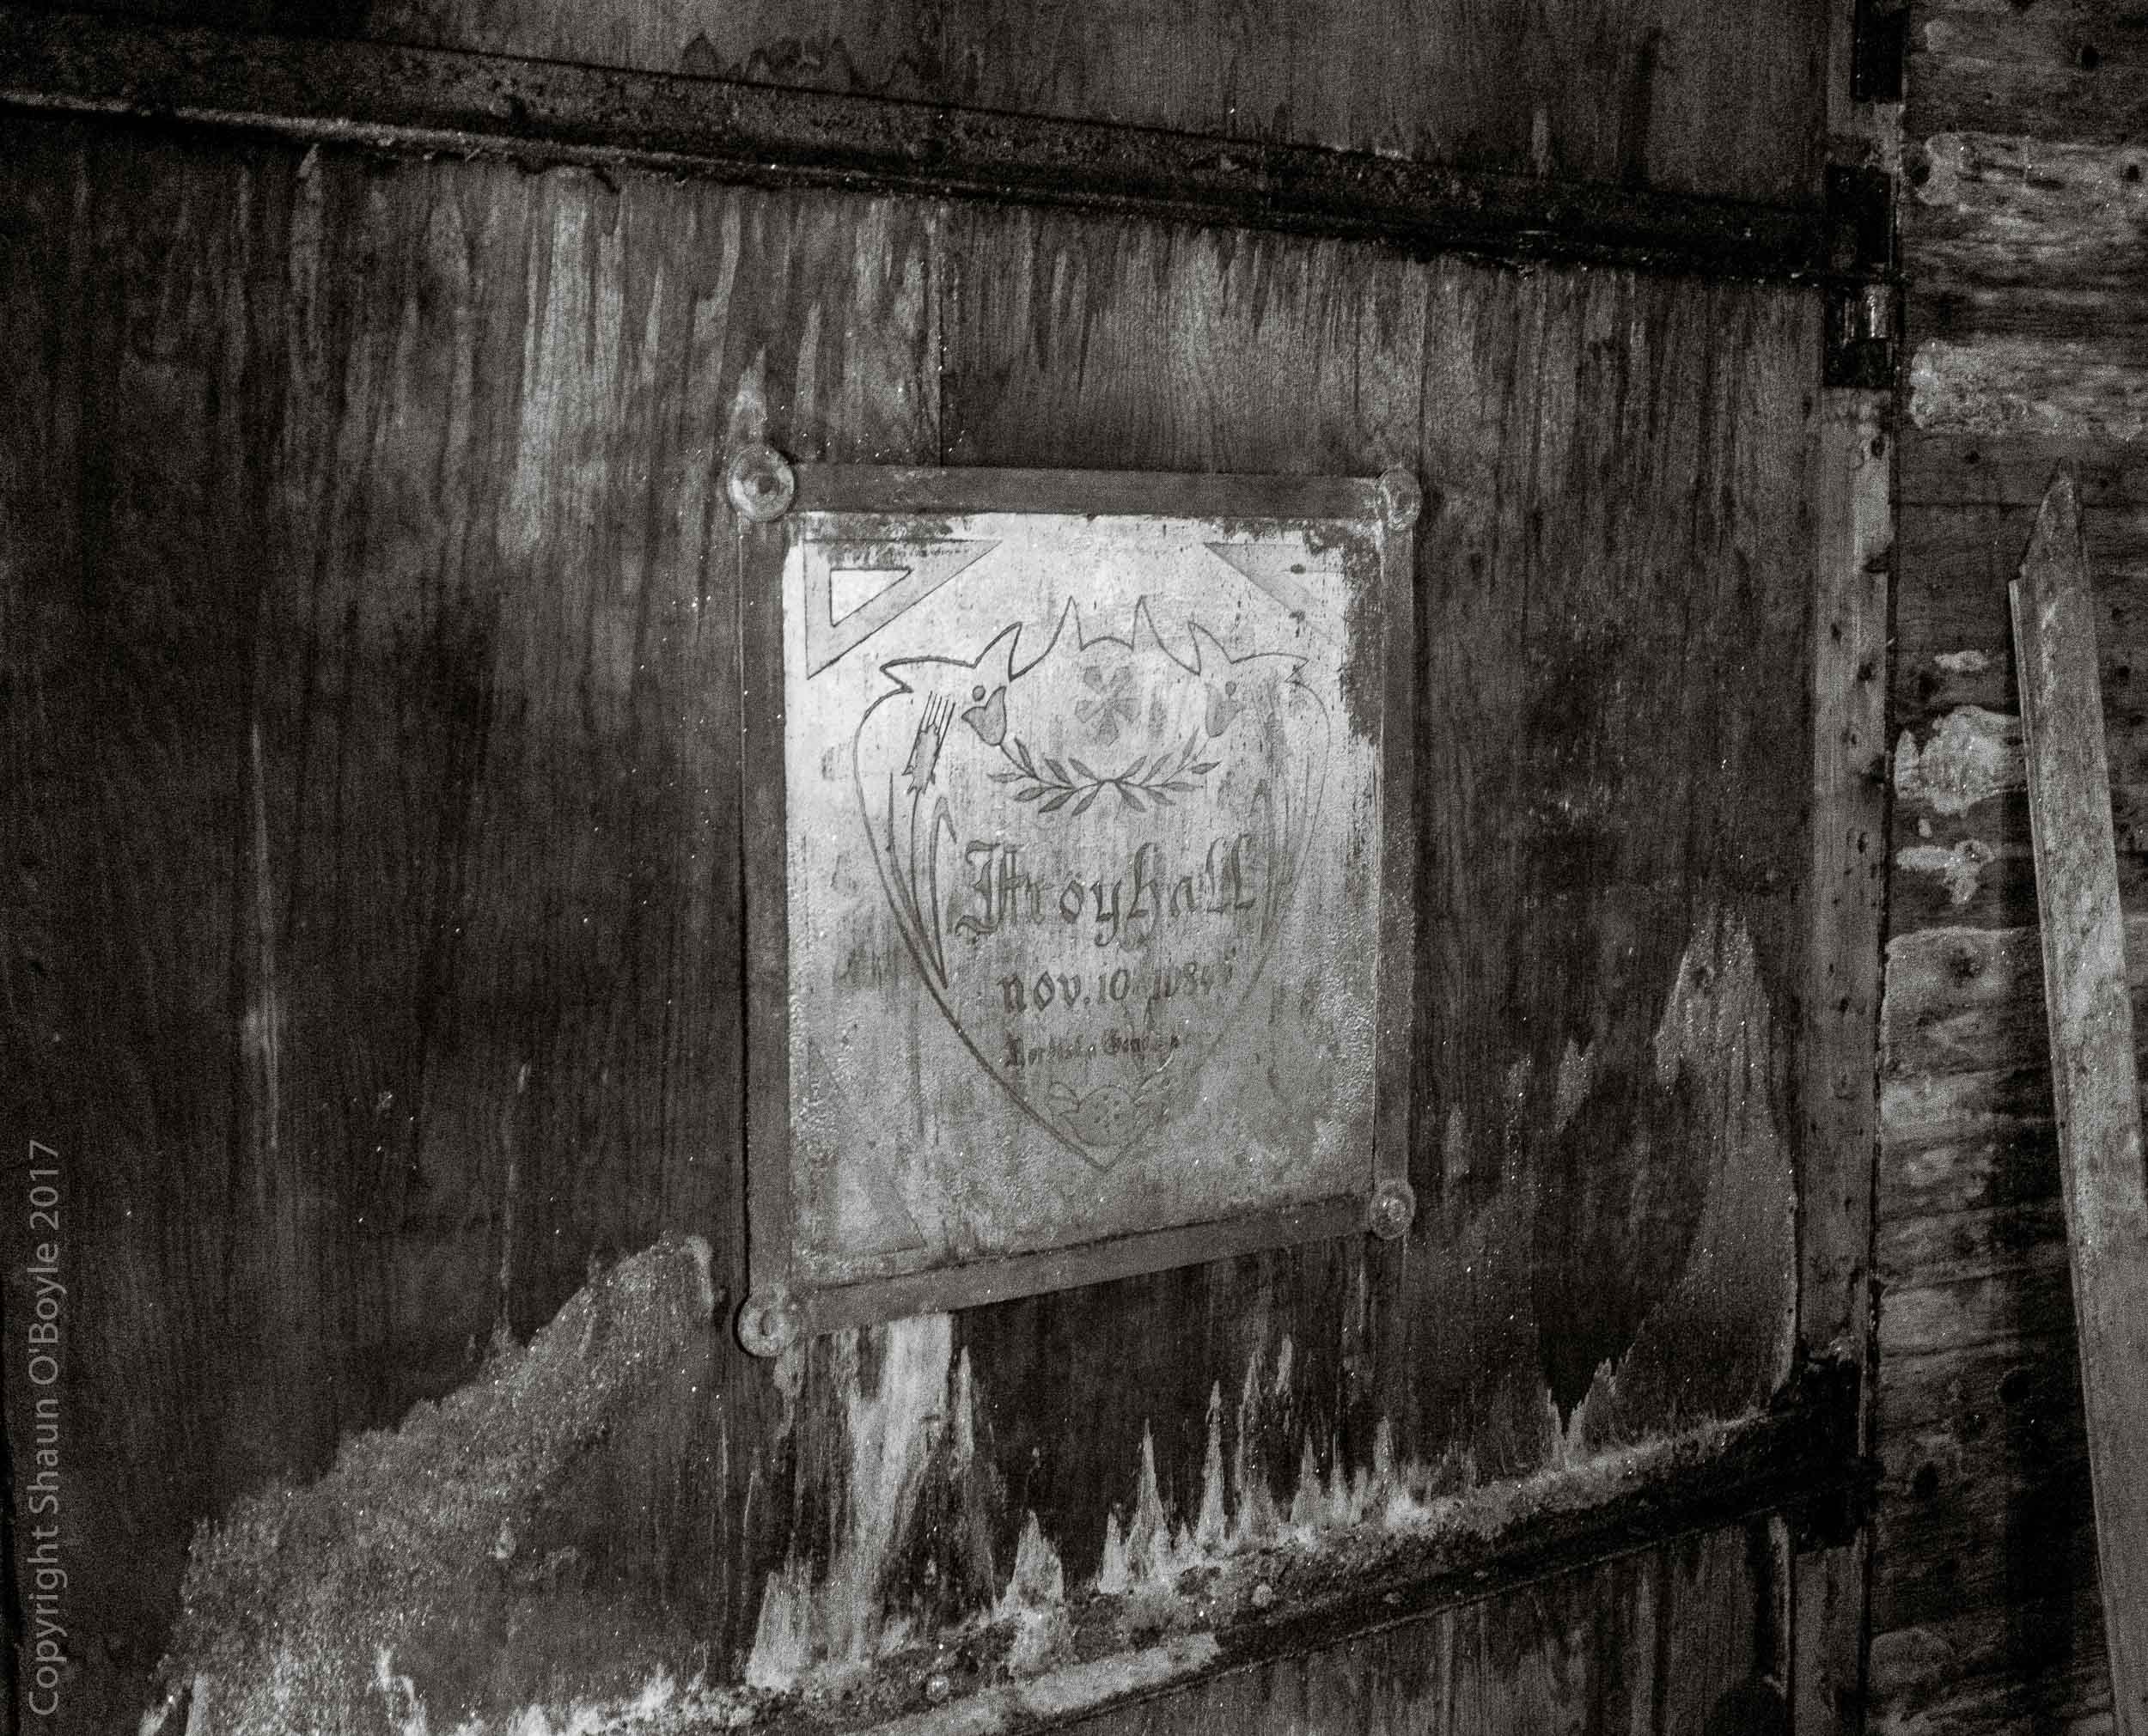 Original global seed vault deep in Mine #3